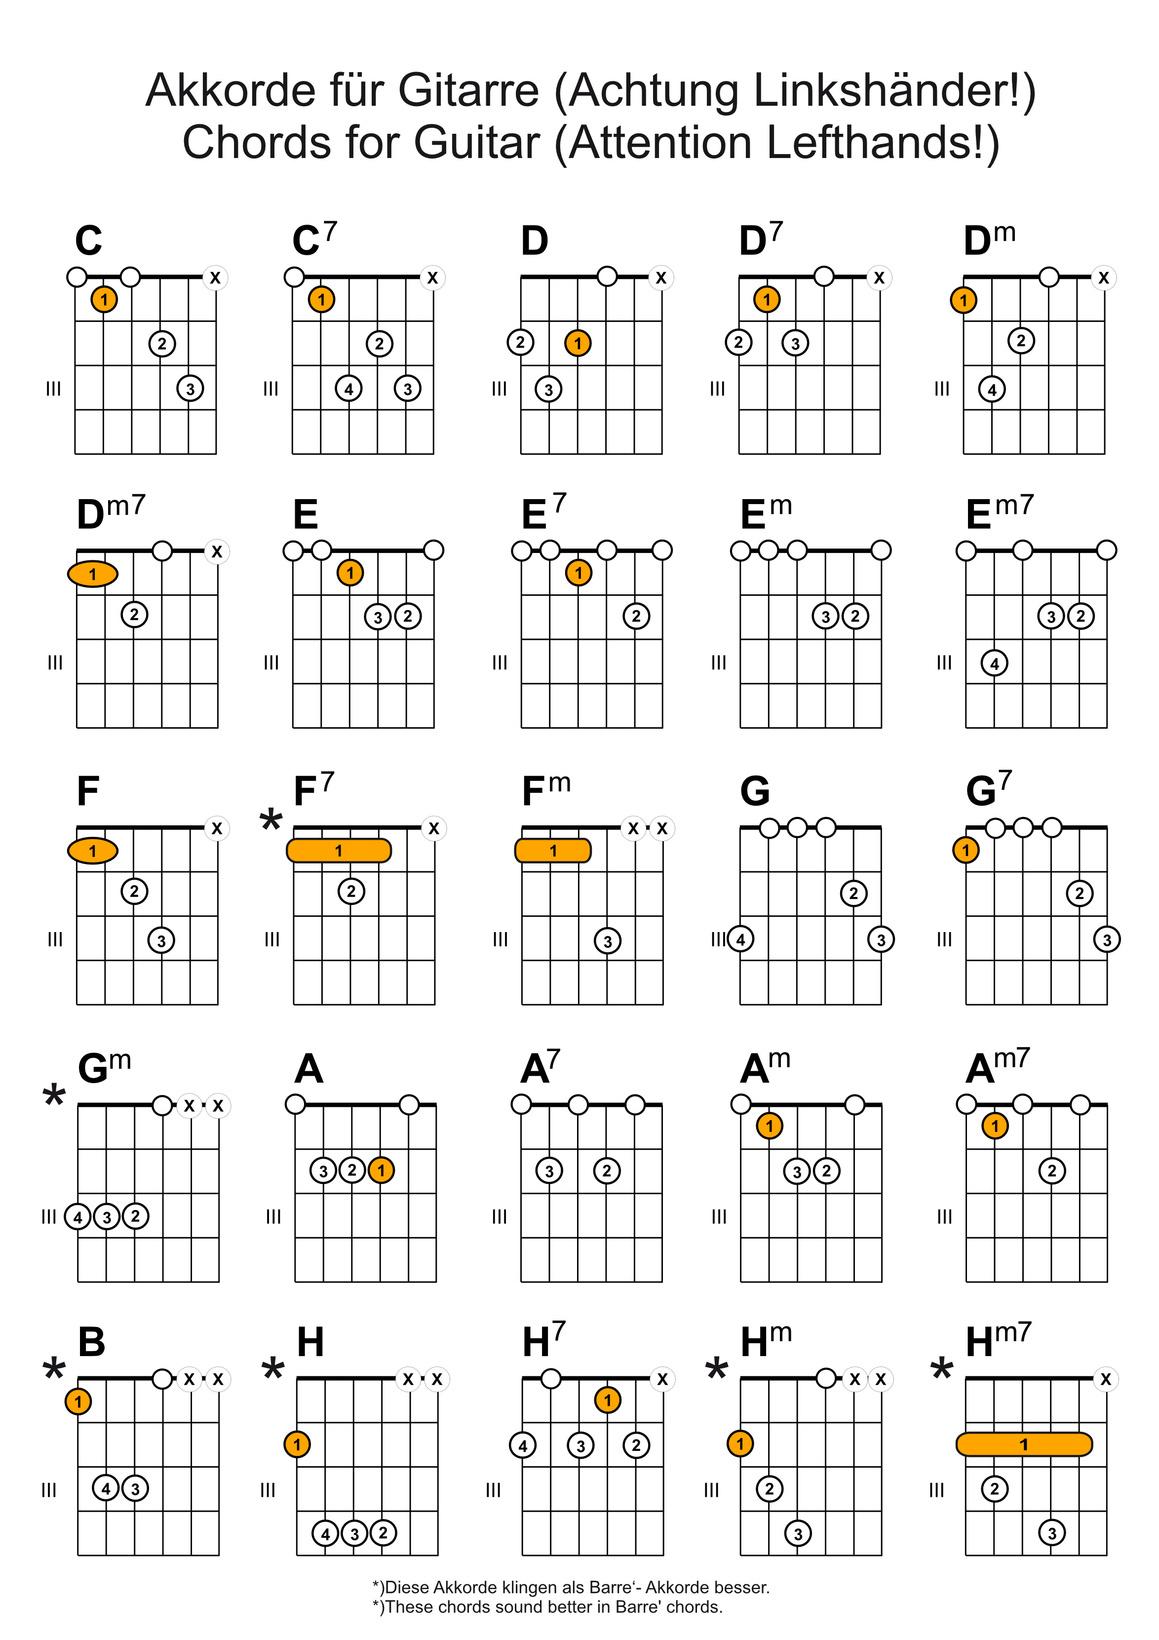 Akkorde Gitarre Linkshänder | Die Linkshänder-Gitarre bei Gitarrengriffe Für Anfänger Zum Ausdrucken